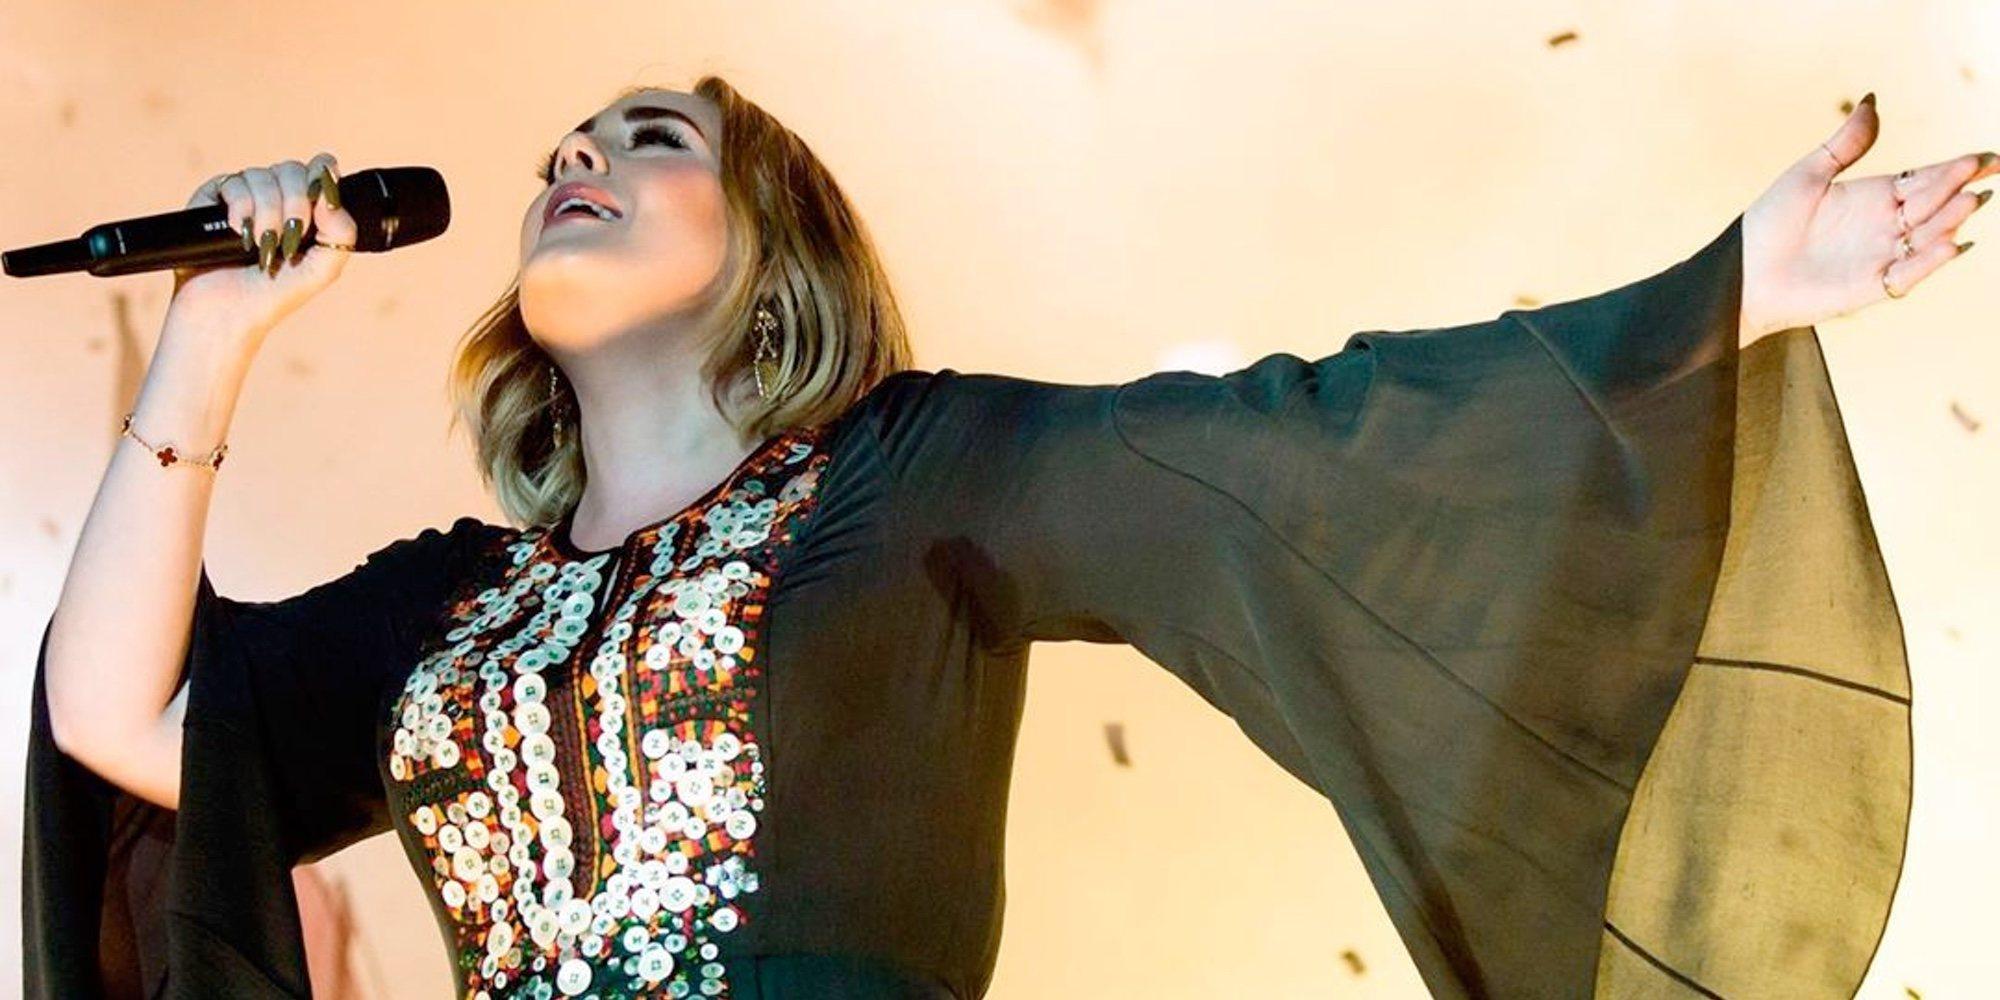 La foto de Adele en bikini tras su increíble cambio físico que se ha hecho viral